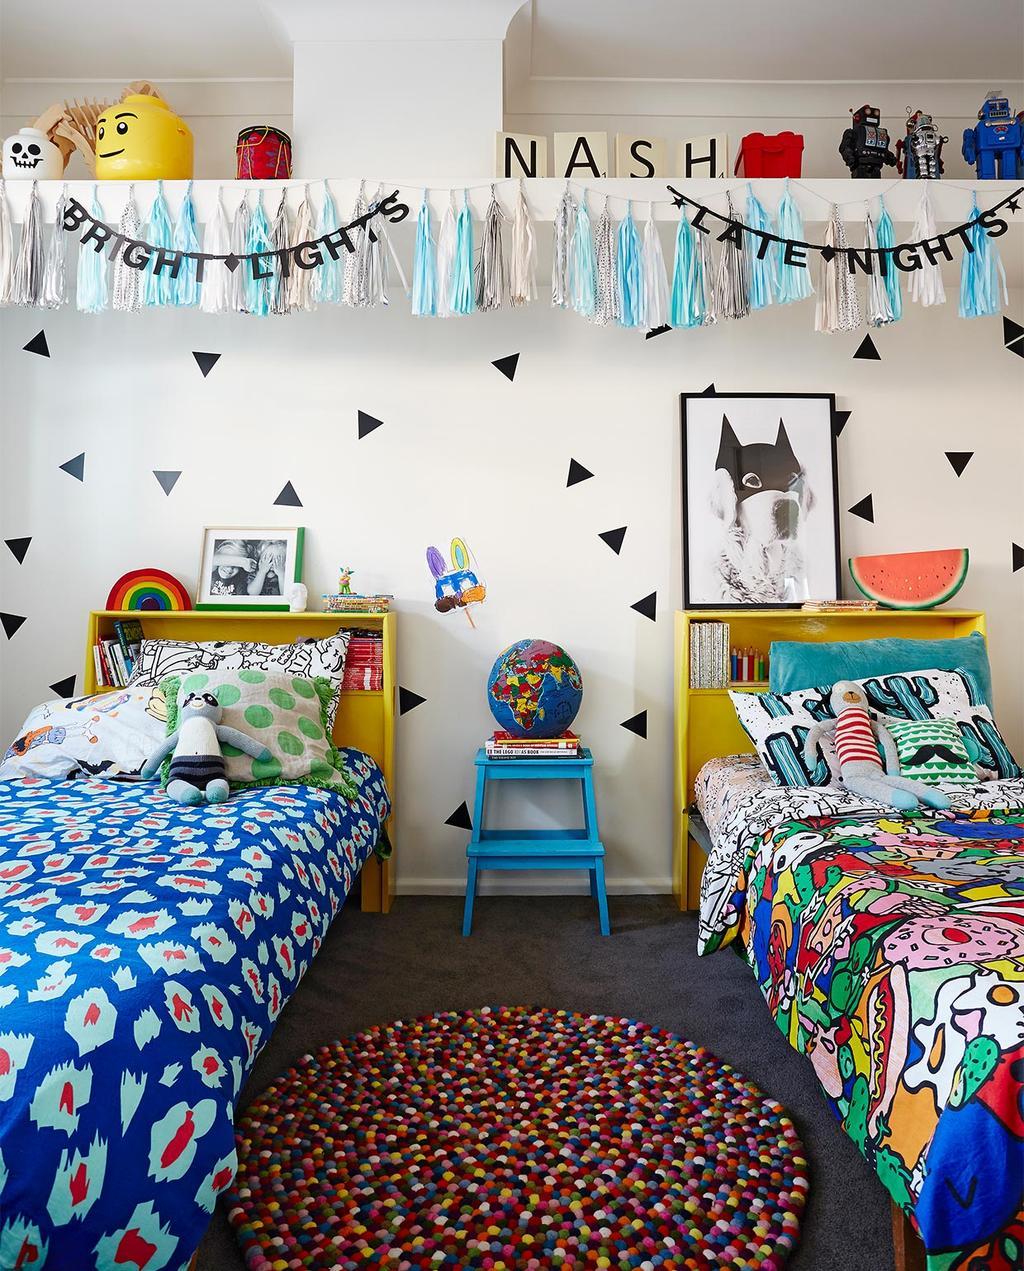 vtwonen binnenkijken special 07-2021 | twee bedden in de kleurrijke kinderkamer met een nachtkastje en een wereldbol, boven het bed hangen blauwe slingers